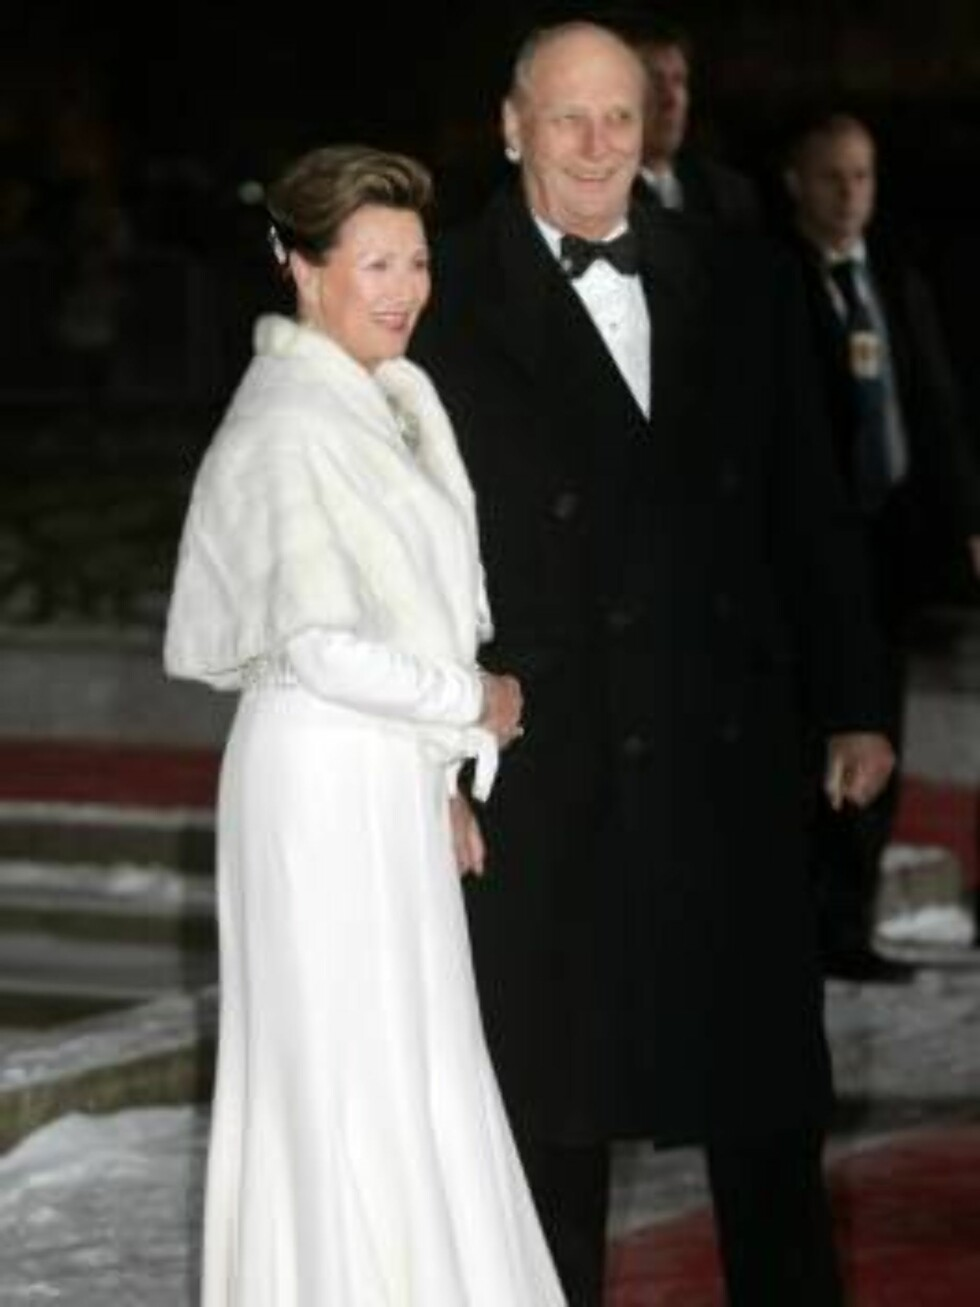 SNØHVIT DRONNING: Kongeparet strålte på festforestillingen. Dronning Sonja som alltid ulastelig påtrukket, denne gangen i en hvit drøm av en kjole. Foto: SCANPIX